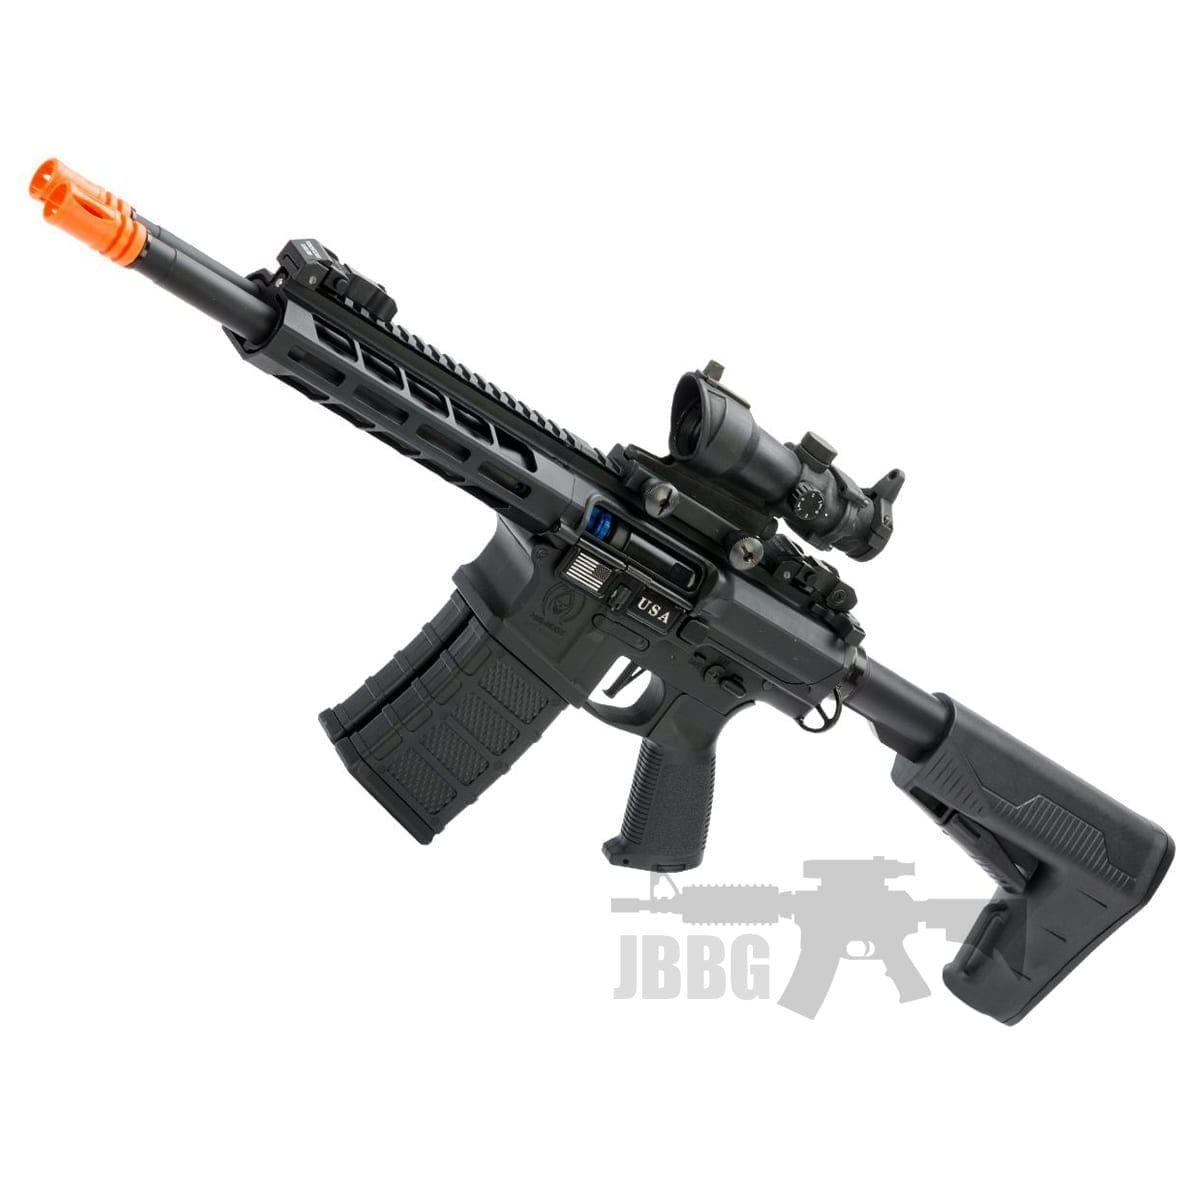 dt4 aeg gun